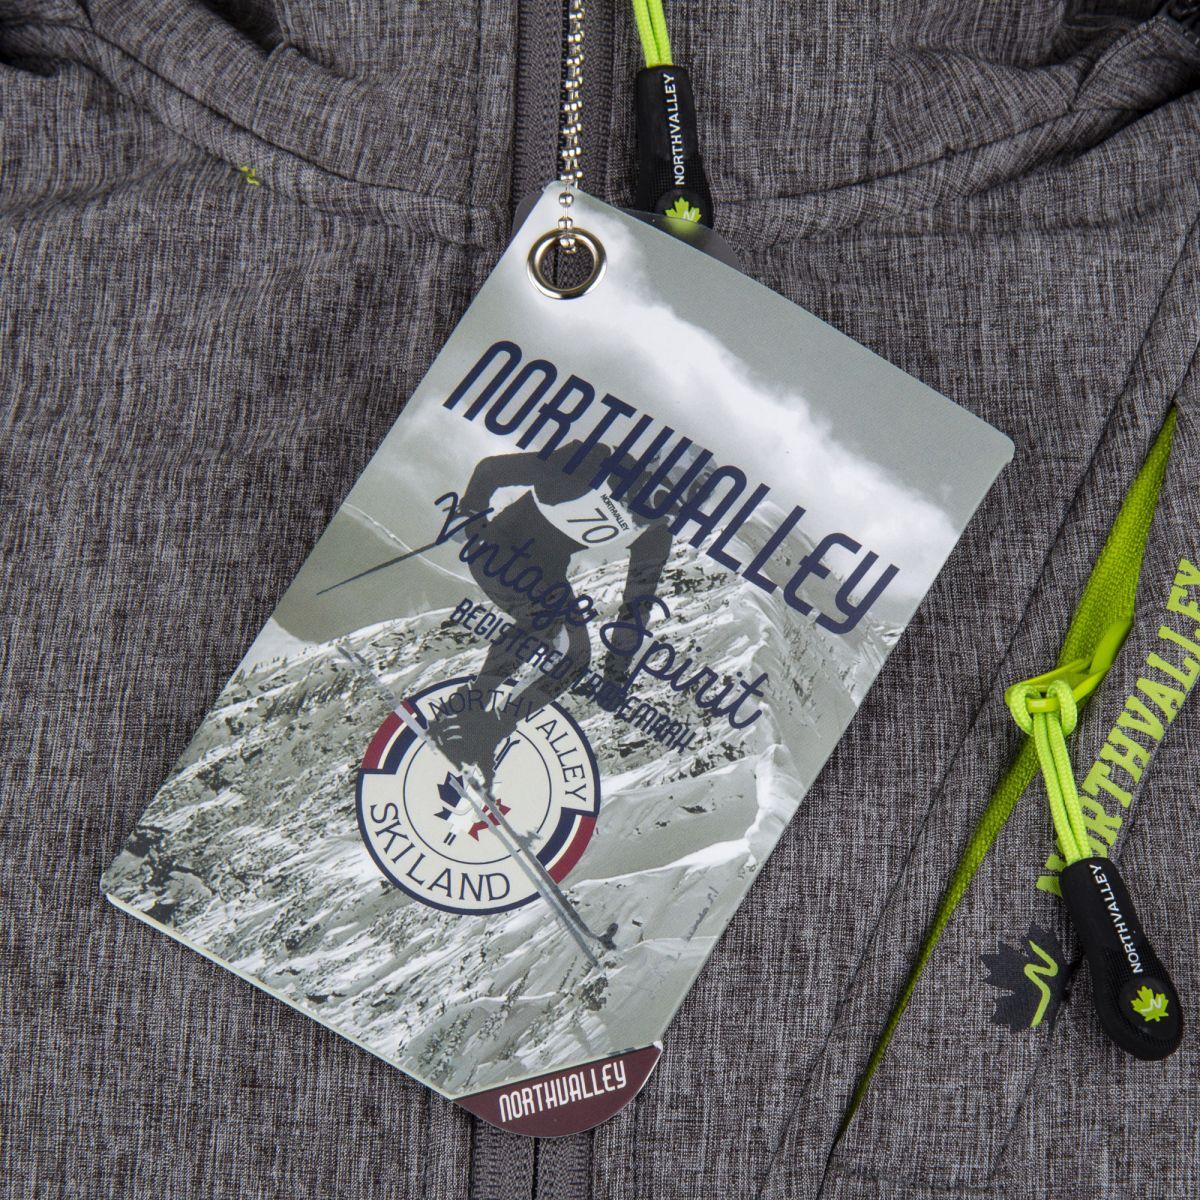 À Softshell Dégriffé Veste Ski Prix Smith Fibrotec North Homme Valley O05Rvq5wz